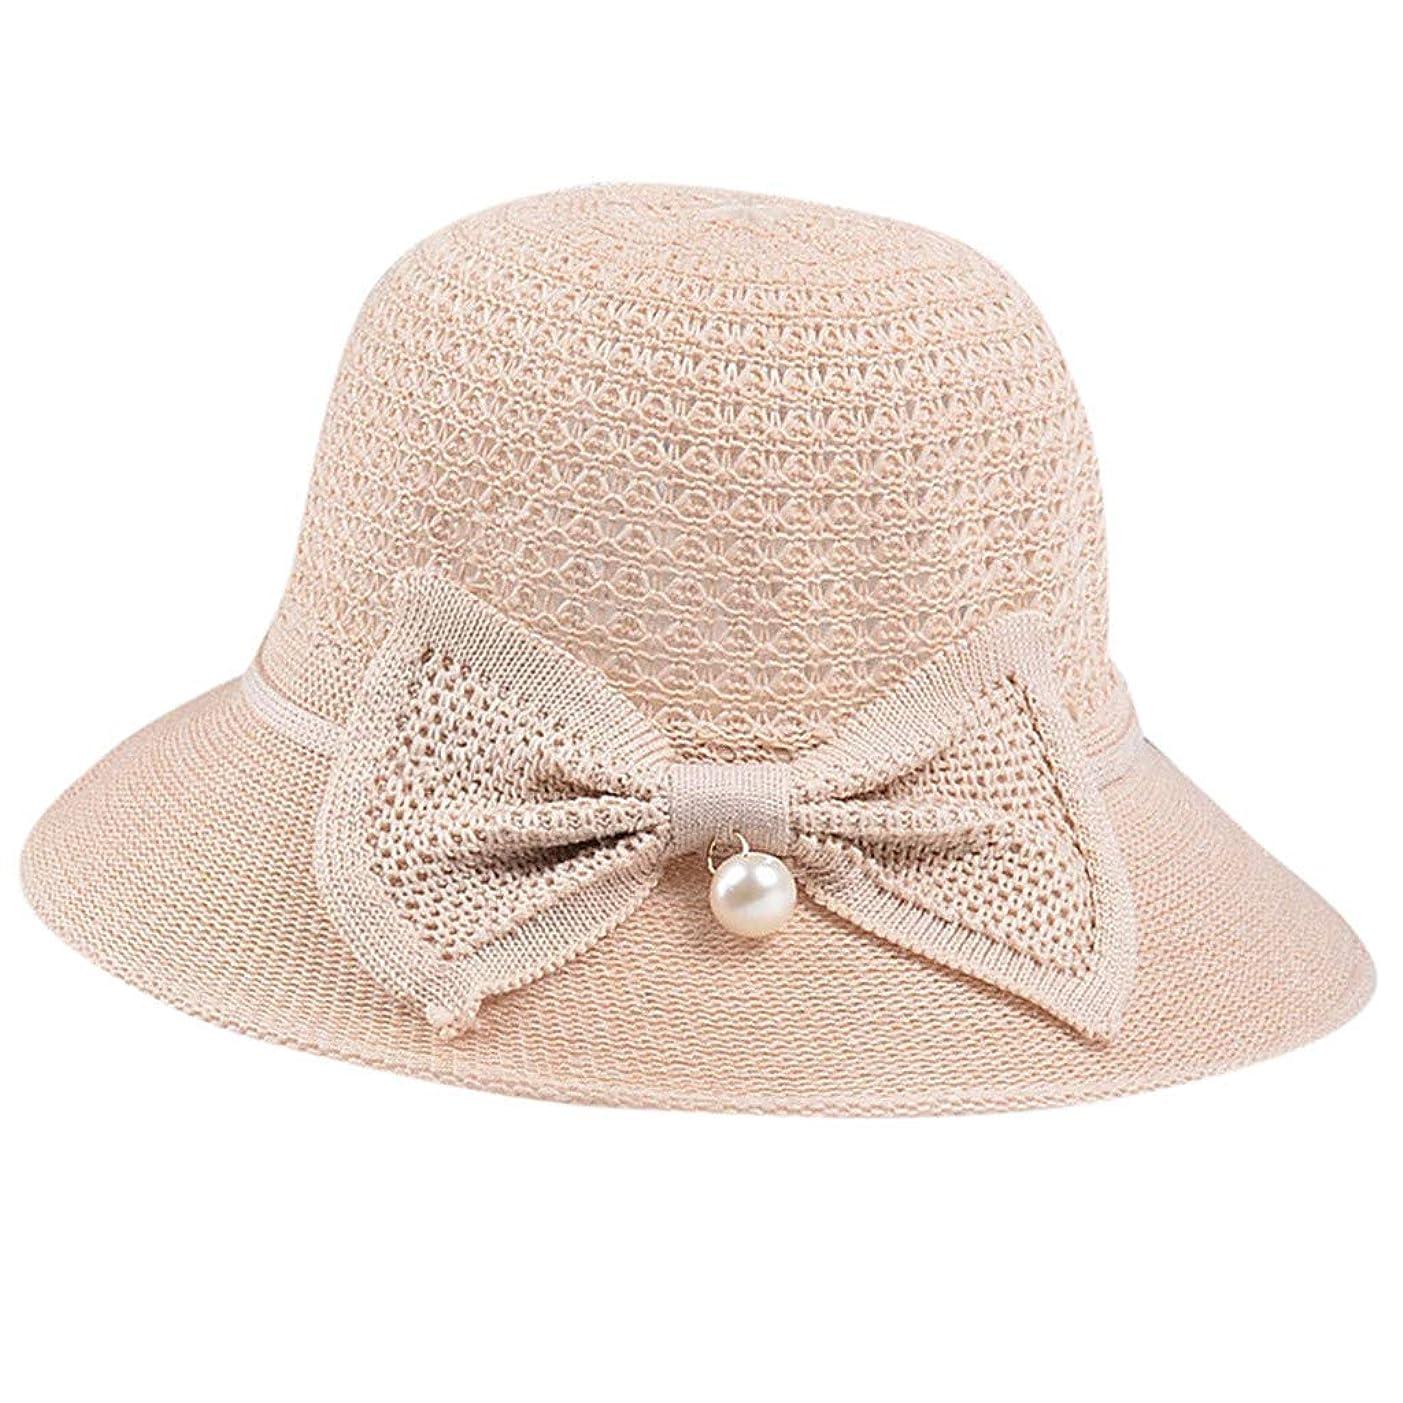 パイルマントル証書女子 ハット レディース 紫外線対策 日焼け防止 つば広 おしゃれ 可愛い UVカット 帽子 レディース 漁師帽 夏 UVカット 帽子 綿 無地 ワイルド カジュアル スタイル 旅行用 日よけ 女優帽 小顔 UV対策 ROSE ROMAN